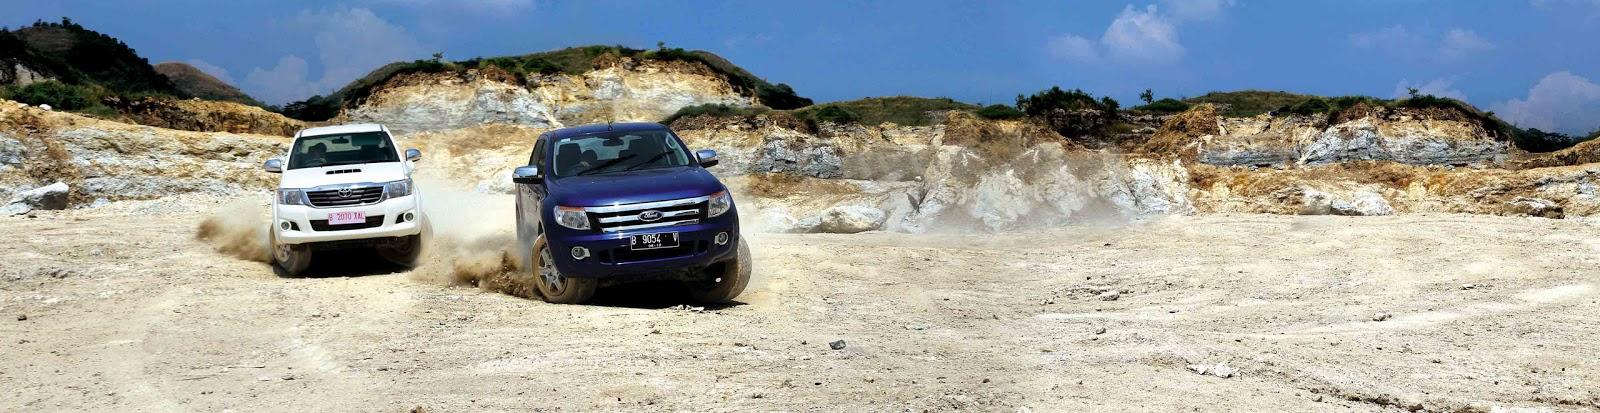 - Toyota Hilux G 2.5 VNT M/T v.s All-New Ford Ranger 2.2 XLT M/T